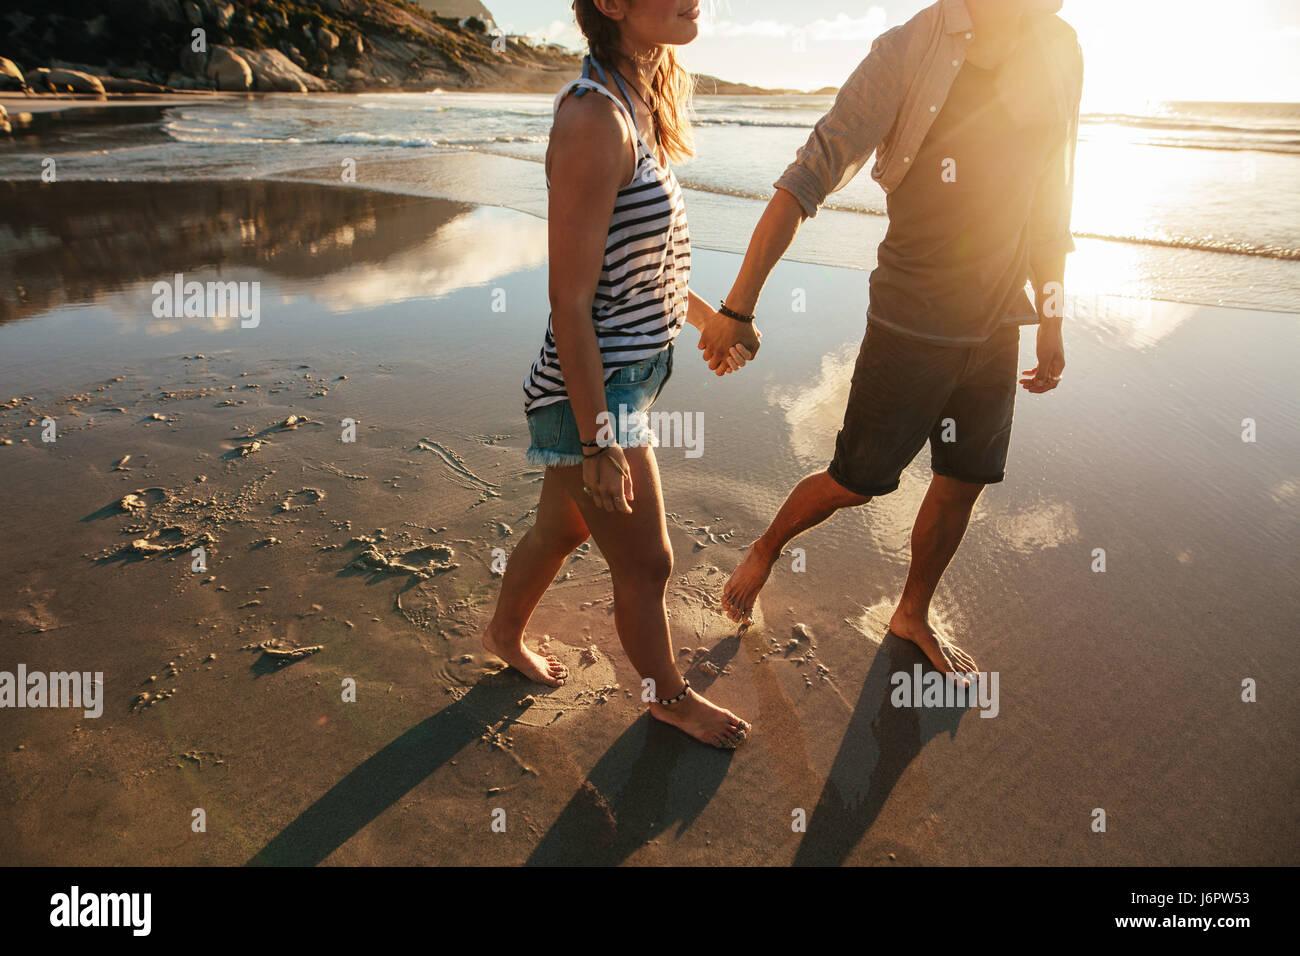 Im Freien Schuss des jungen Liebespaar am Ufer Meeres, die Hand in Hand gehen. Junger Mann und Frau zusammen am Stockbild